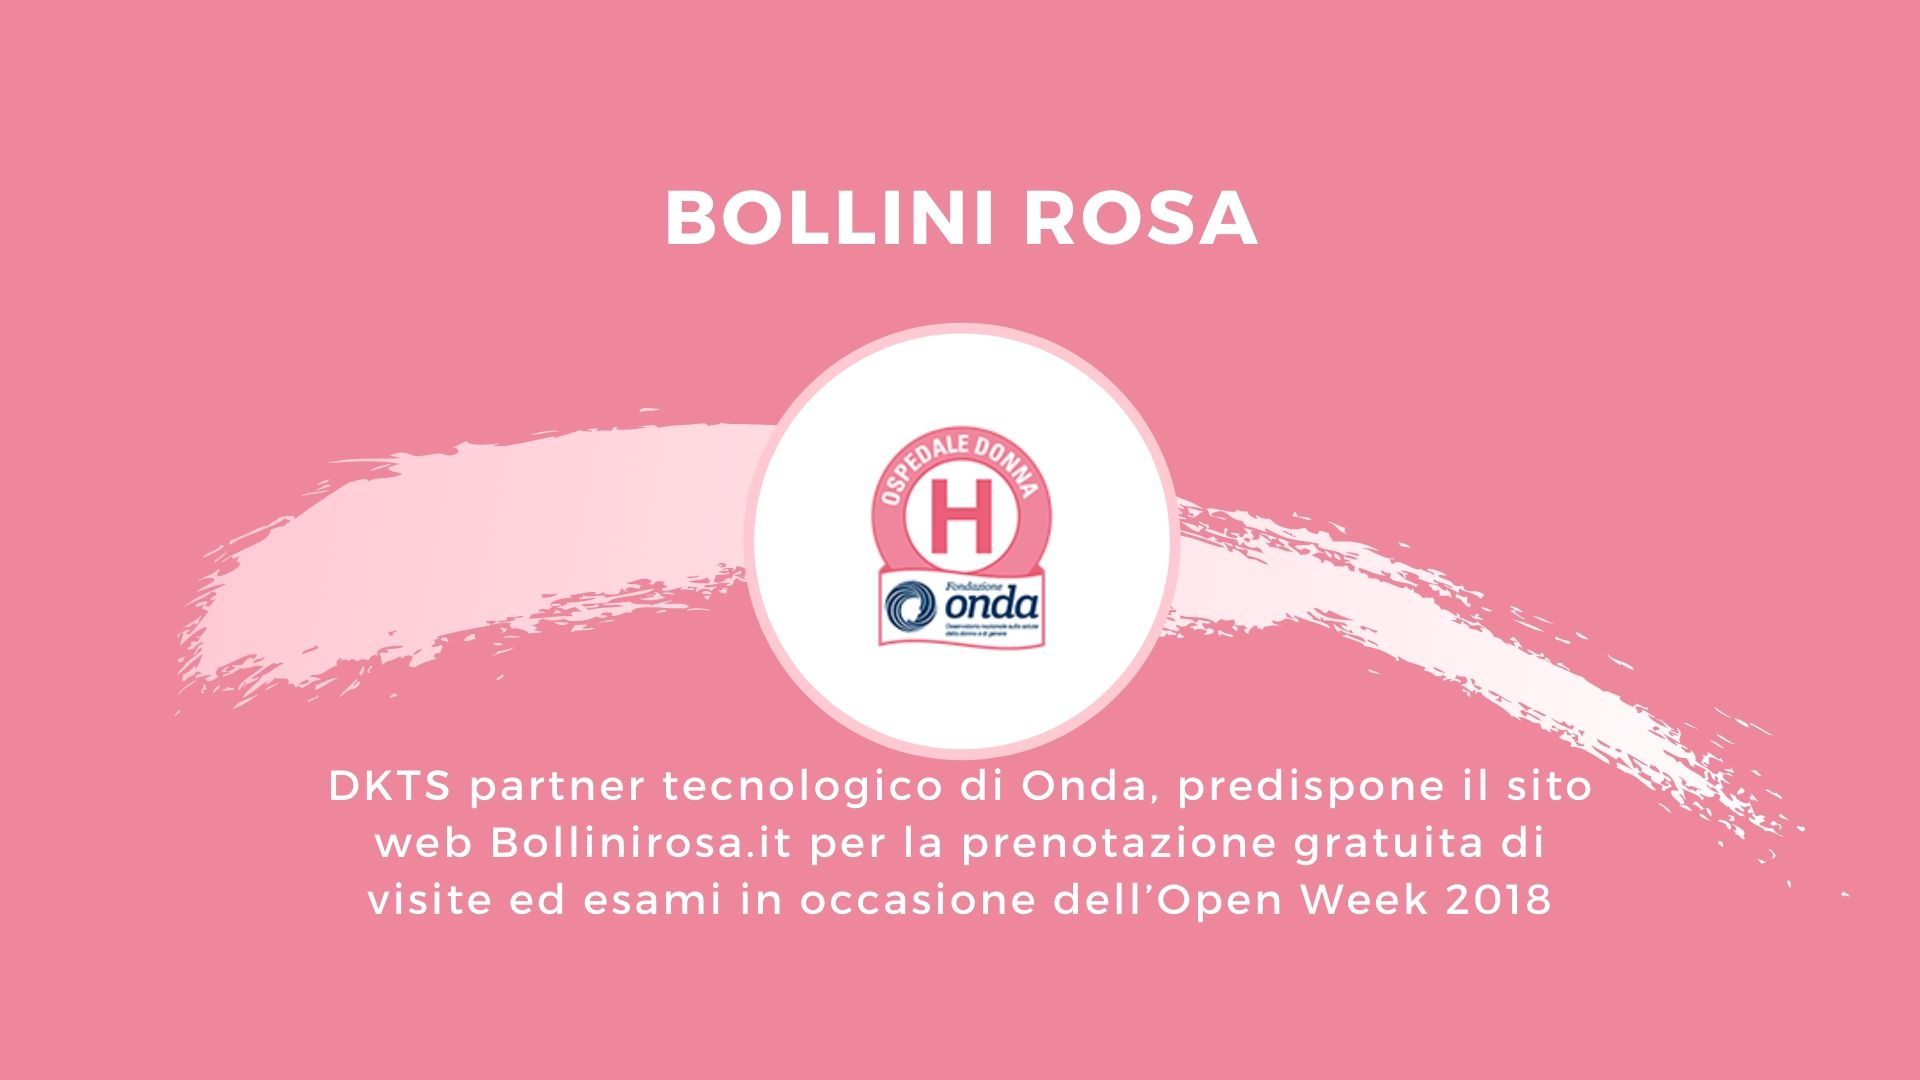 Didael KTS, partner tecnologico di Onda, Osservatorio nazionale sulla salute della donna, predispone il sito web Bollinirosa.it per la prenotazione gratuita di visite ed esami in occasione dell'Open Week 2018